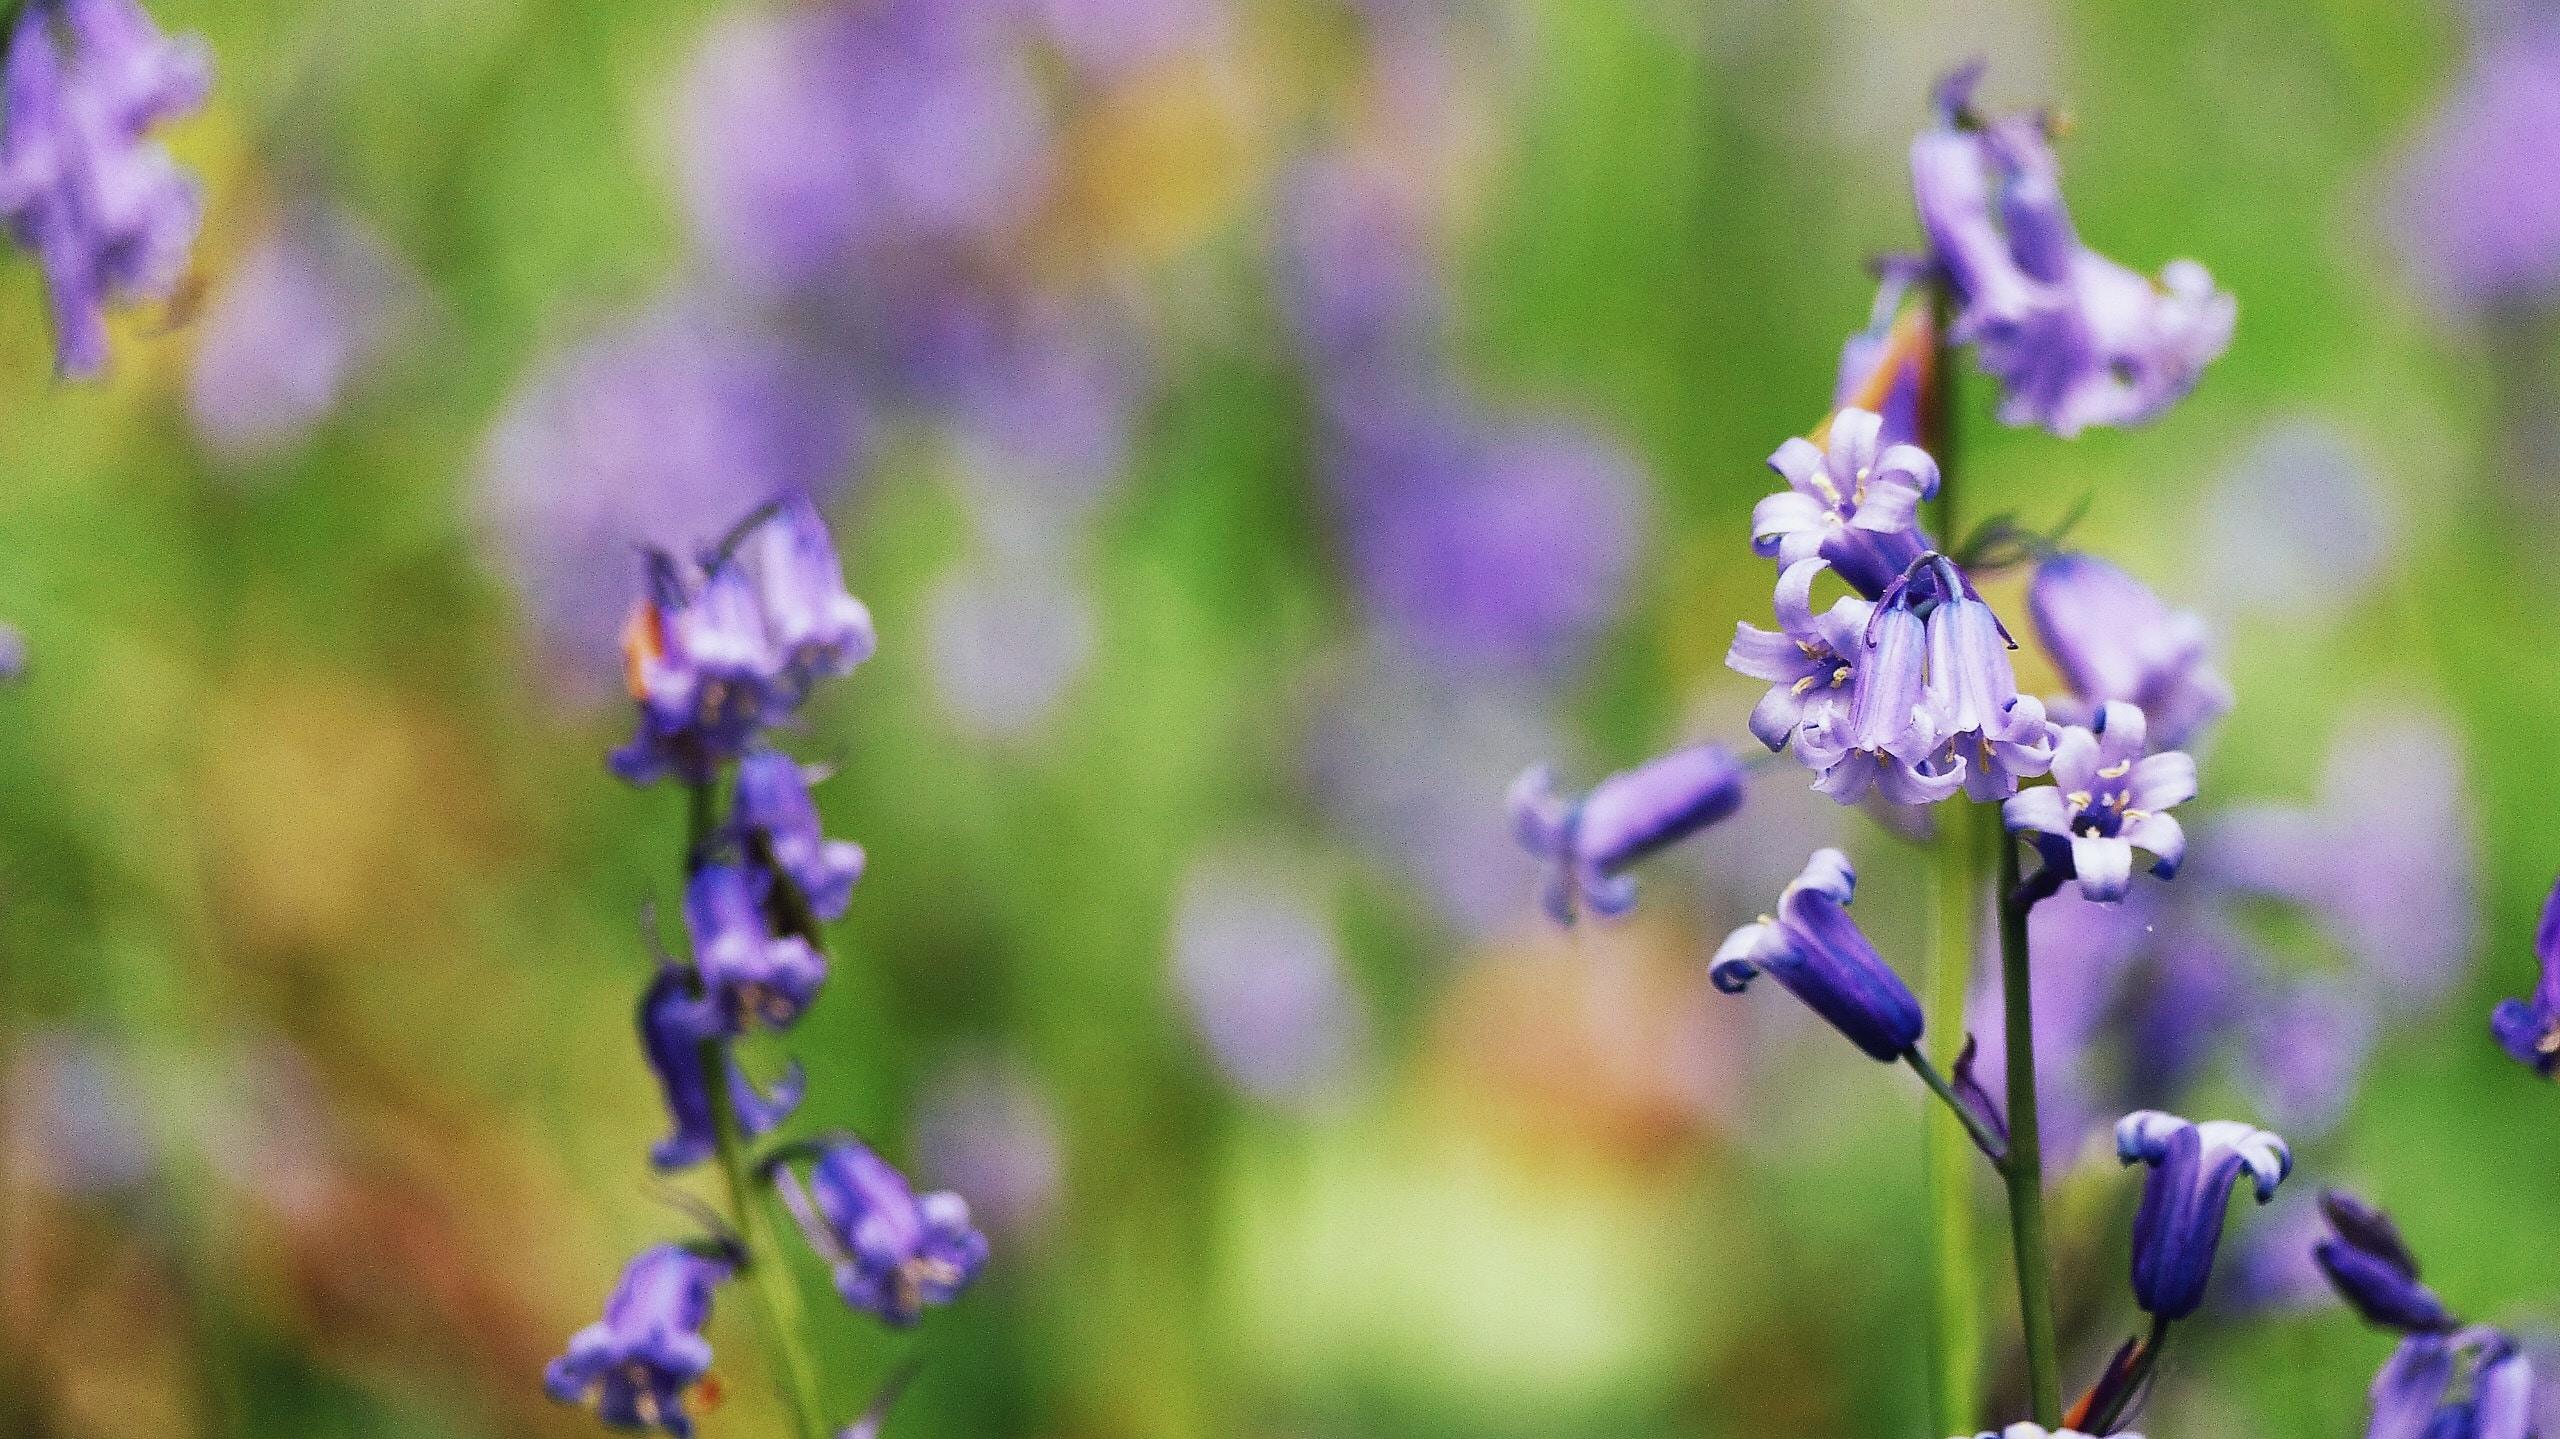 Purple wildflowers grow in a field